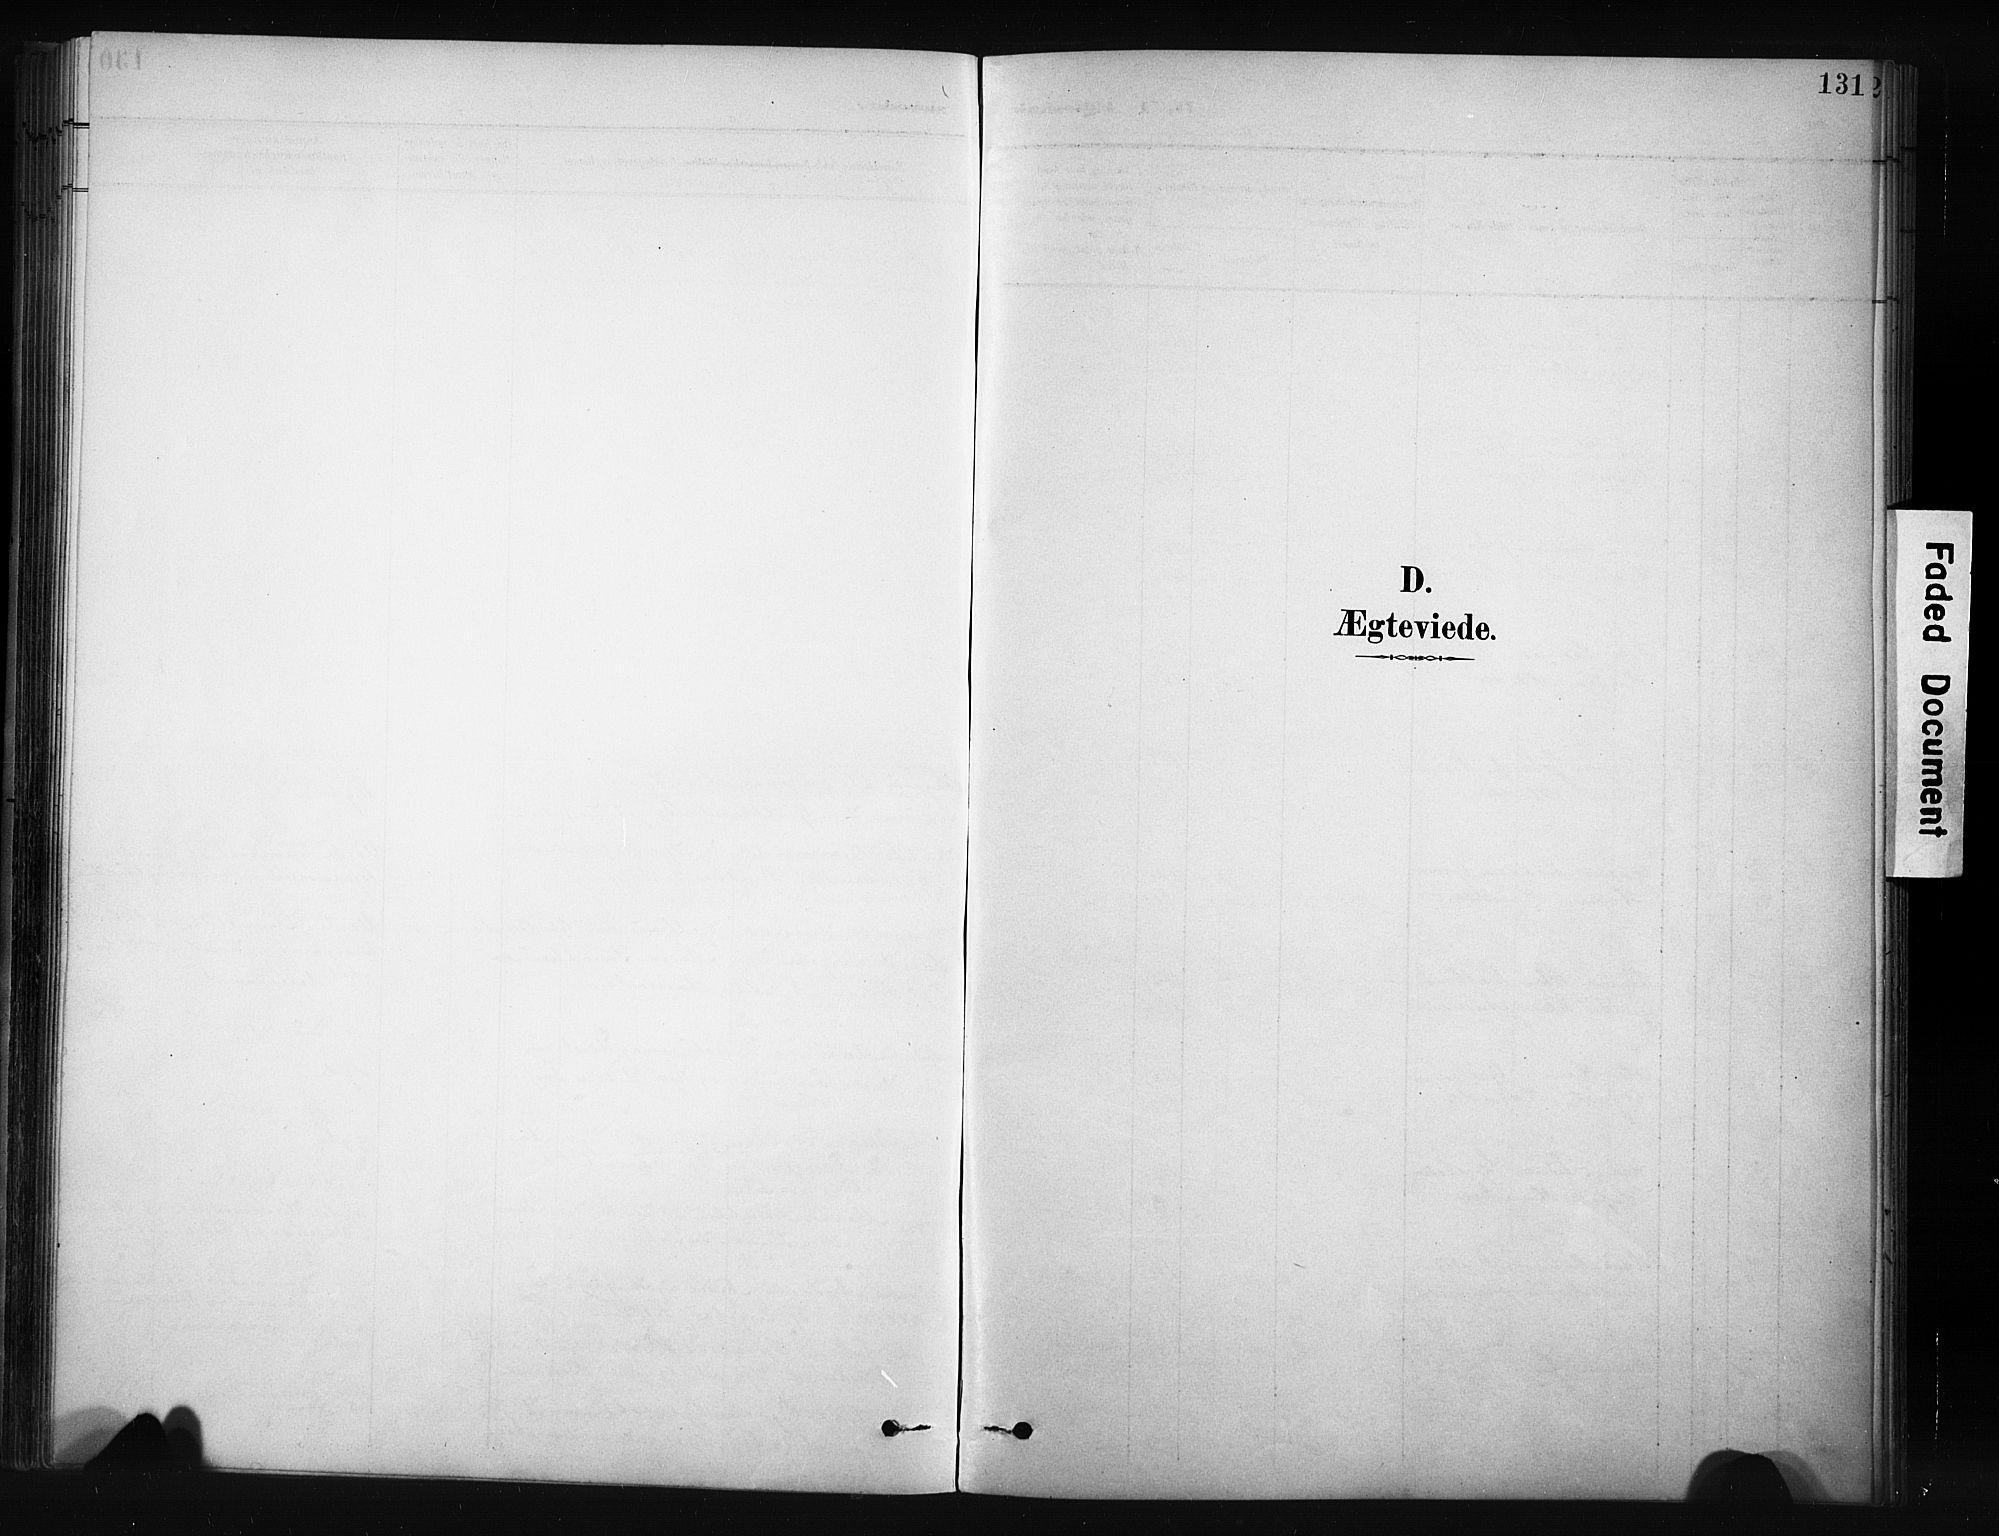 SAH, Nordre Land prestekontor, Klokkerbok nr. 12, 1891-1909, s. 131